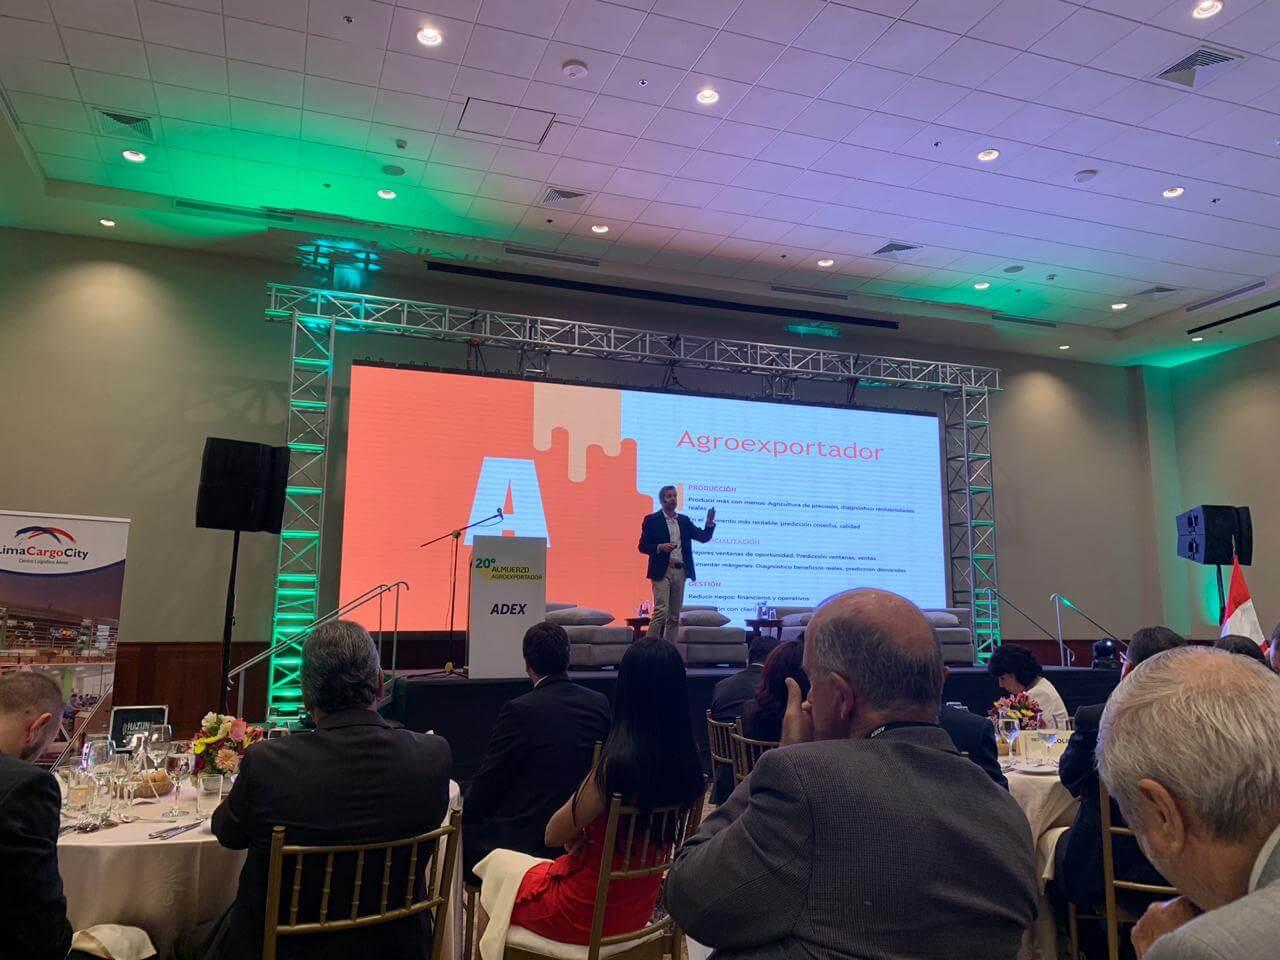 Big Data en el Perú agroexportador